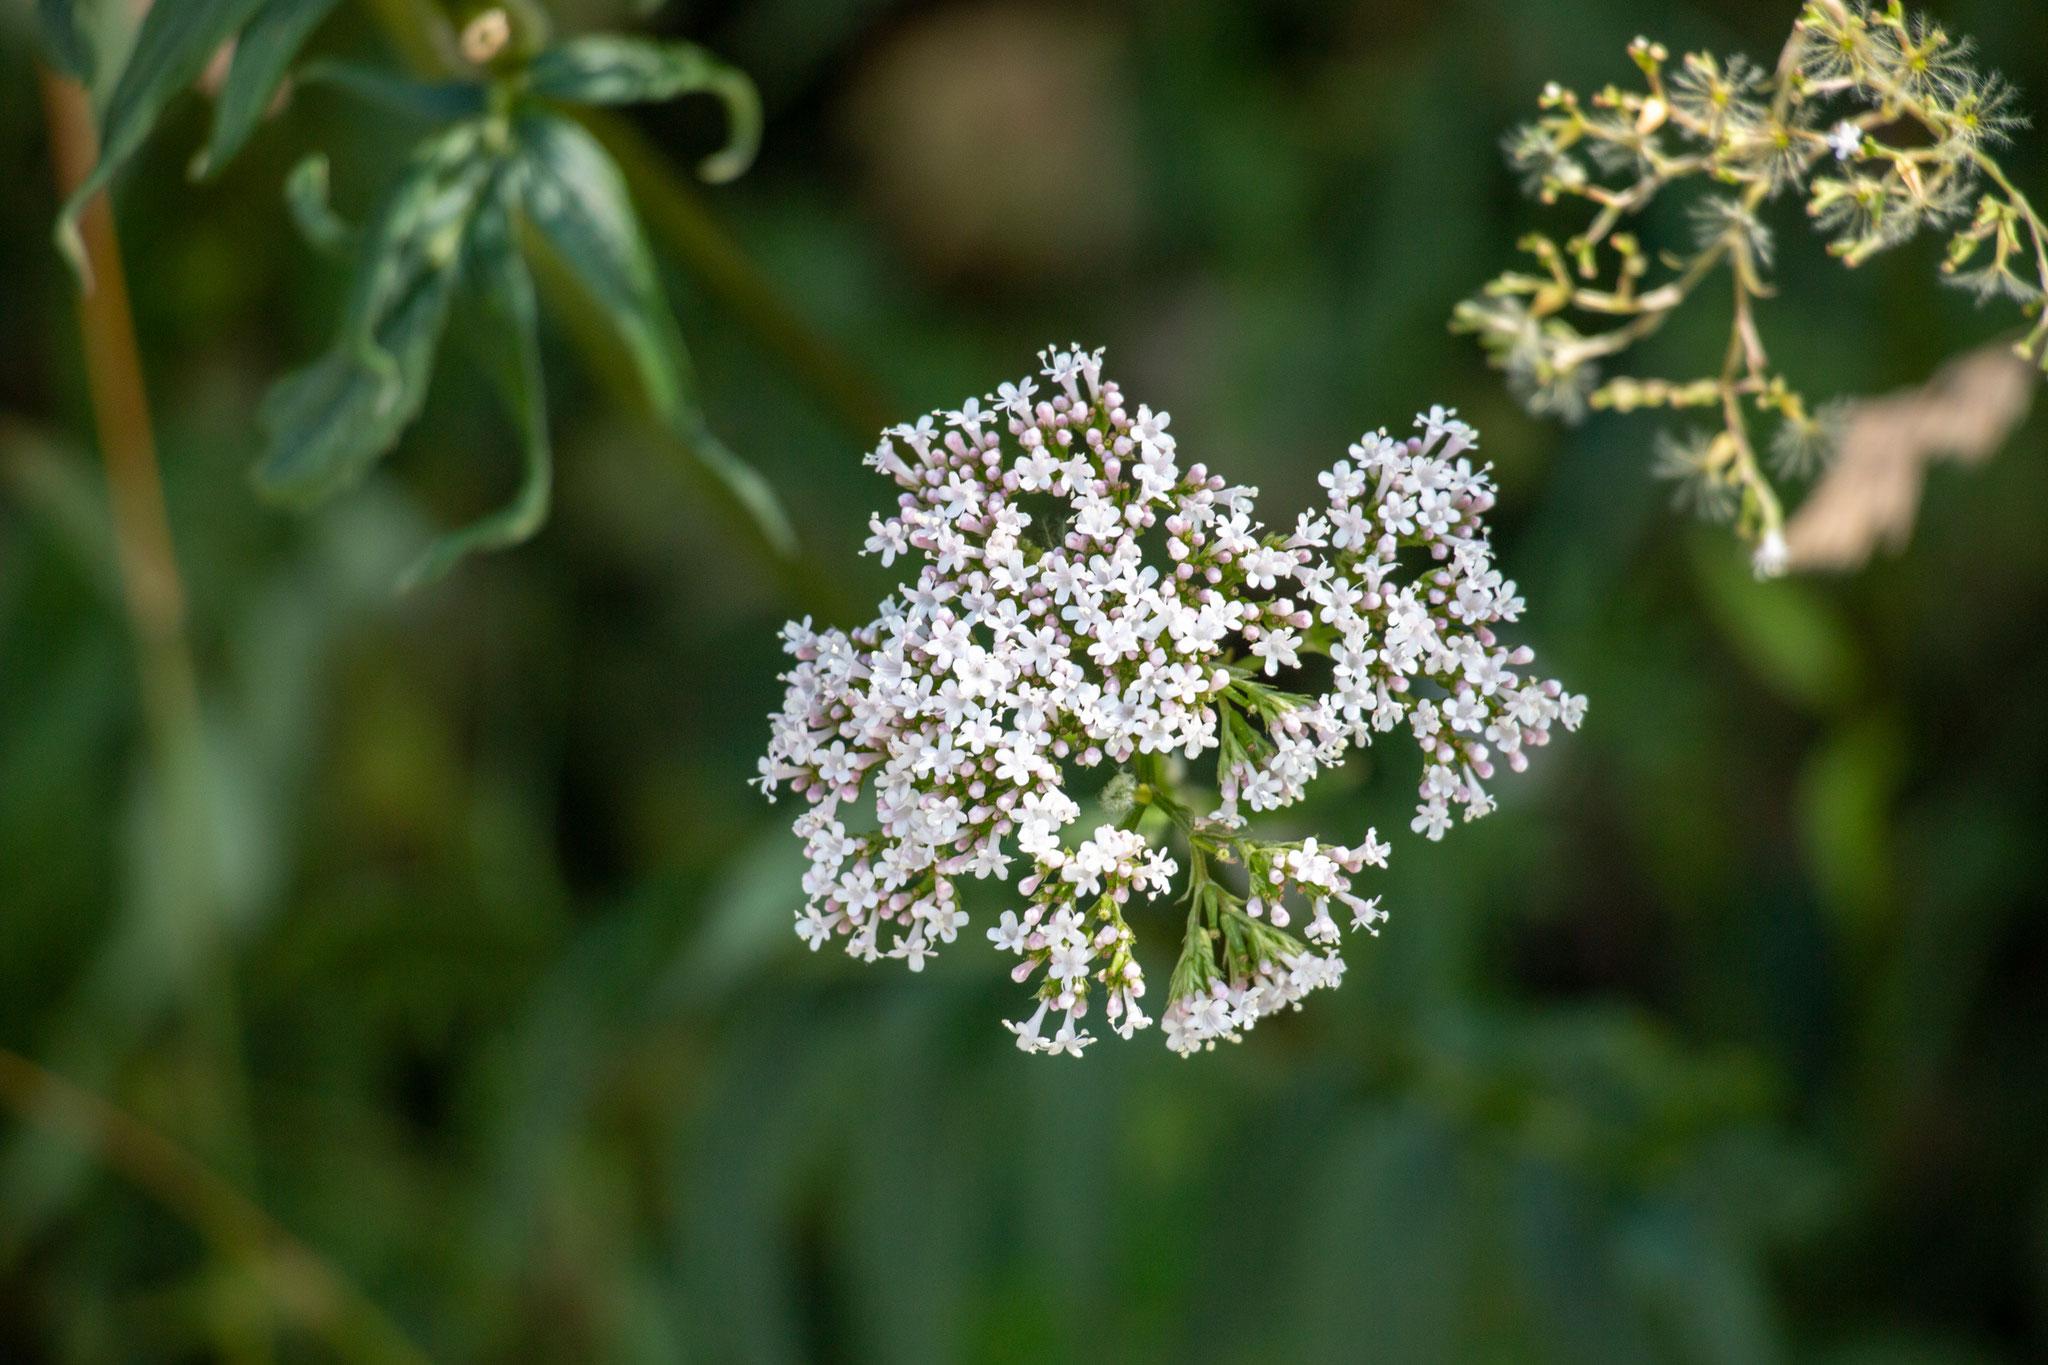 Blütenstand eines echten Baldrians (Valeriana officinalis) (BB)